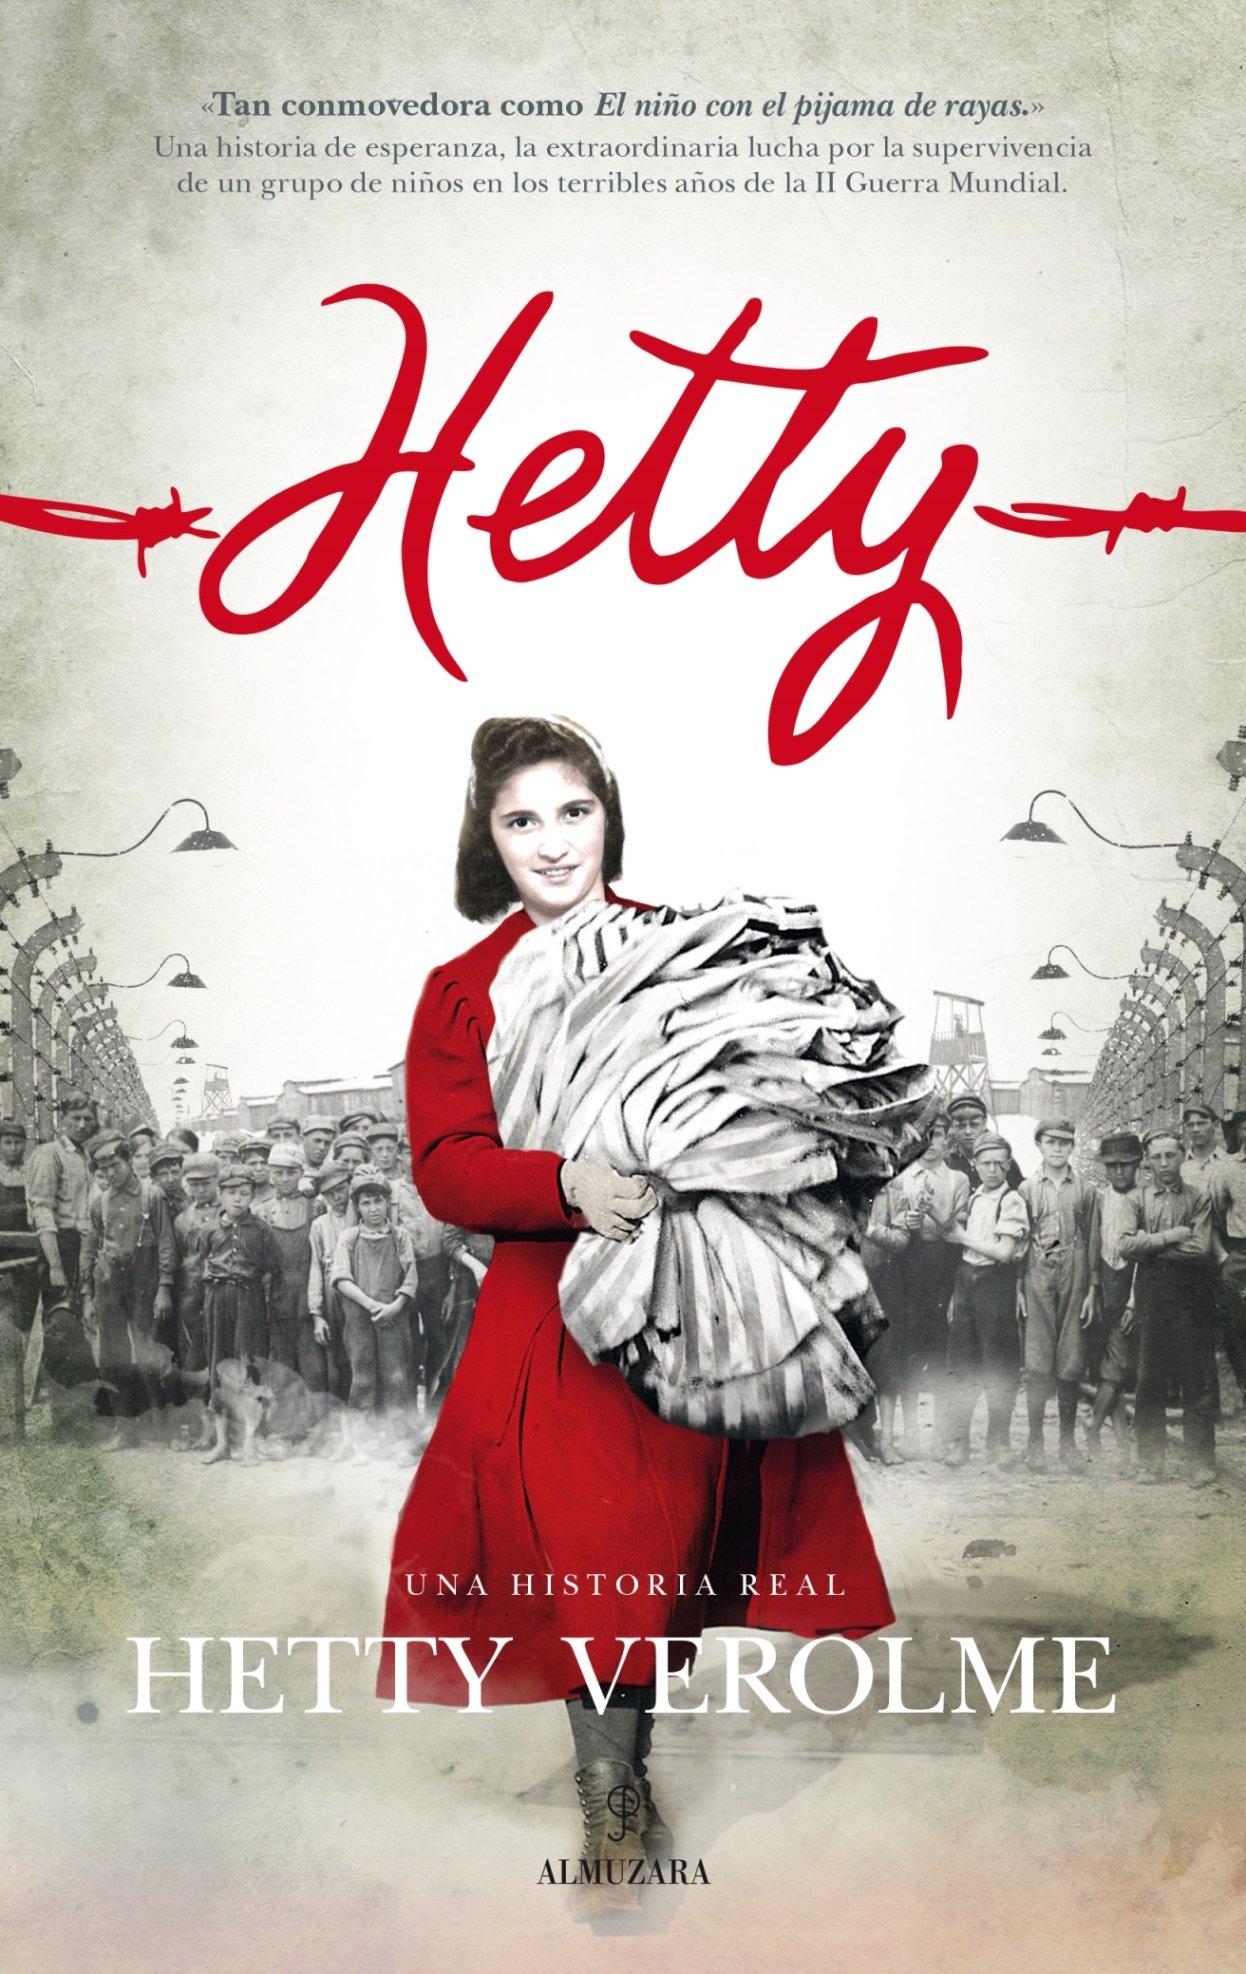 Hetty, una historia real (Spanish Edition): Hetty Verolme: 9788415828310: Amazon.com: Books